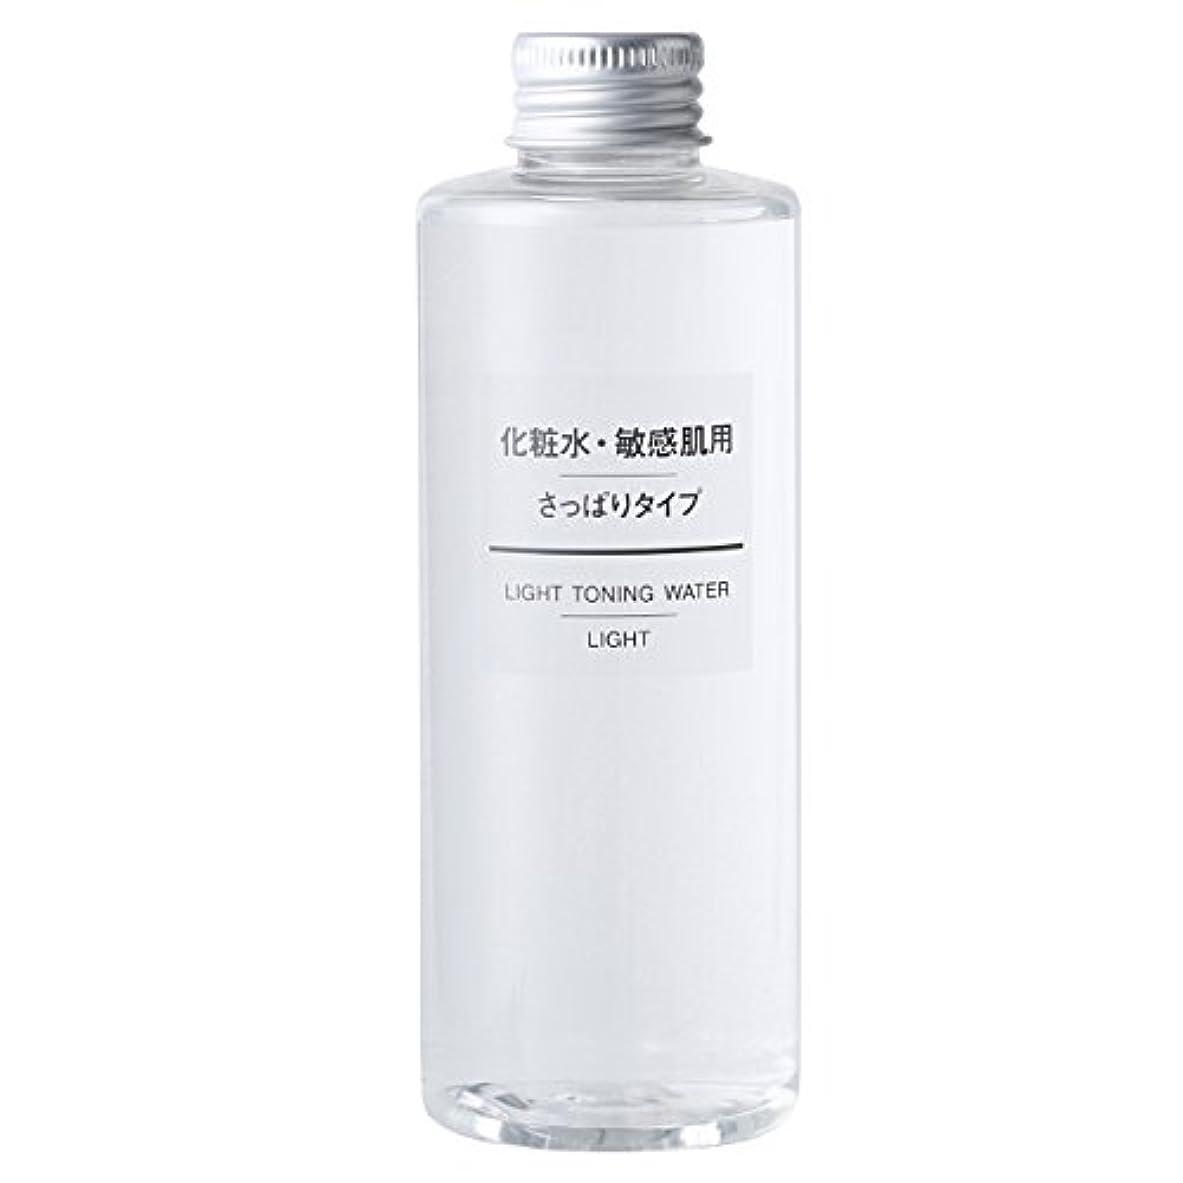 クレジット滞在知っているに立ち寄る無印良品 化粧水?敏感肌用?さっぱりタイプ 200mL